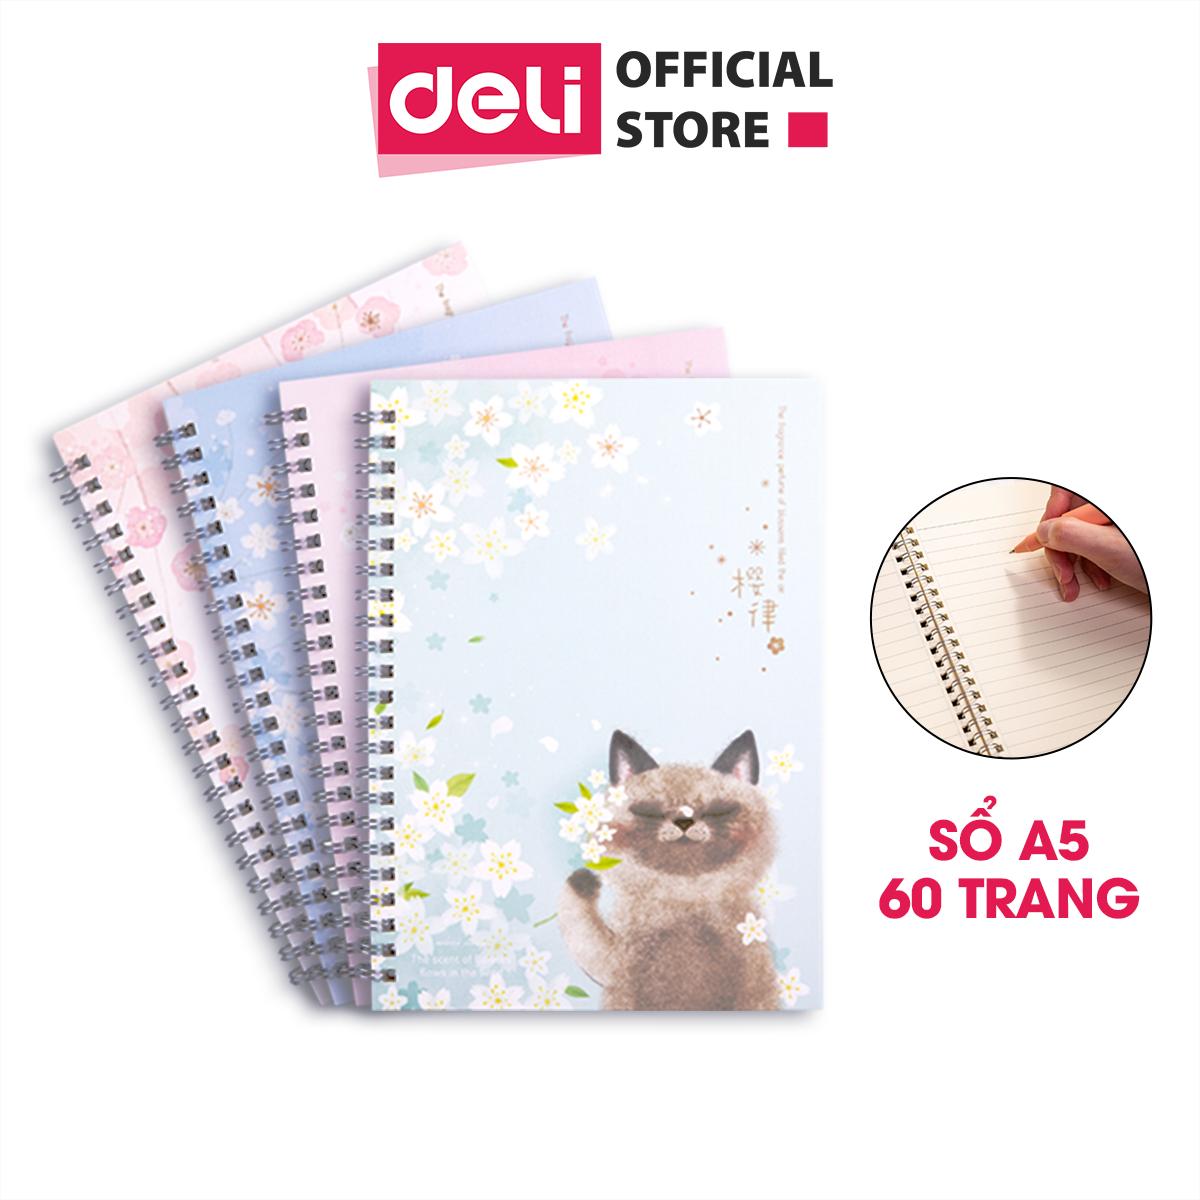 Sổ tay ghi chép A5 gáy xoắn 60 trang Deli – Kẻ ngang – Bìa họa tiết Hoa / Mèo / Cá – mẫu ngẫu nhiên – LA560